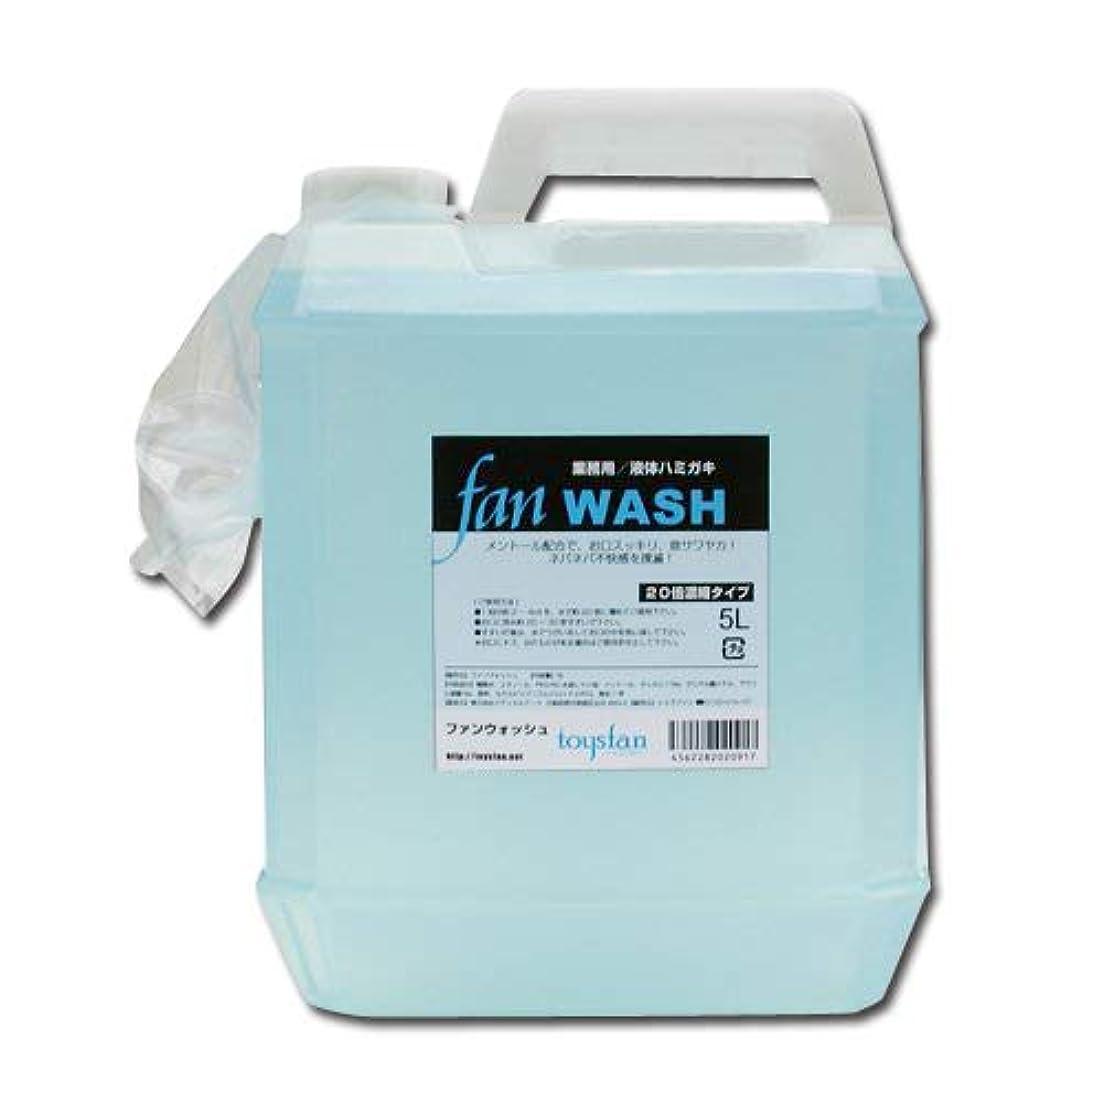 リーク余剰事件、出来事ファンウォッシュ 5L(20倍濃縮)業務用液体ハミガキ FAN WASHメントール配合│液体歯磨き大容量!うがい液